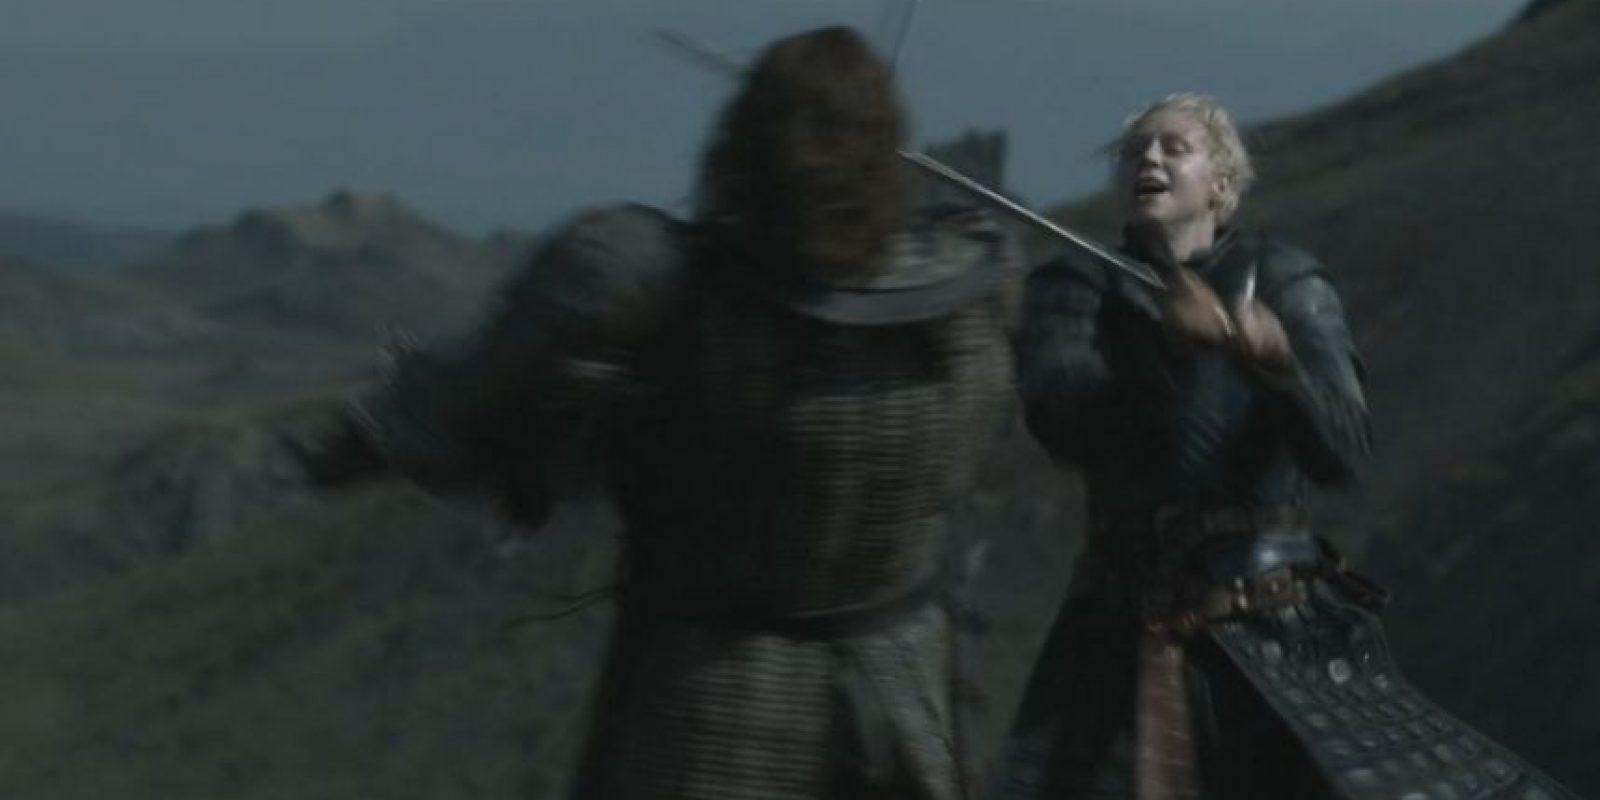 """13. """"Brienne de Tarth"""" pelea contra """"Sandor Clegane"""" y lo deja malherido. """"Arya Stark"""" lo deja morir de una manera agónica y dolorosa. Foto:vía HBO"""